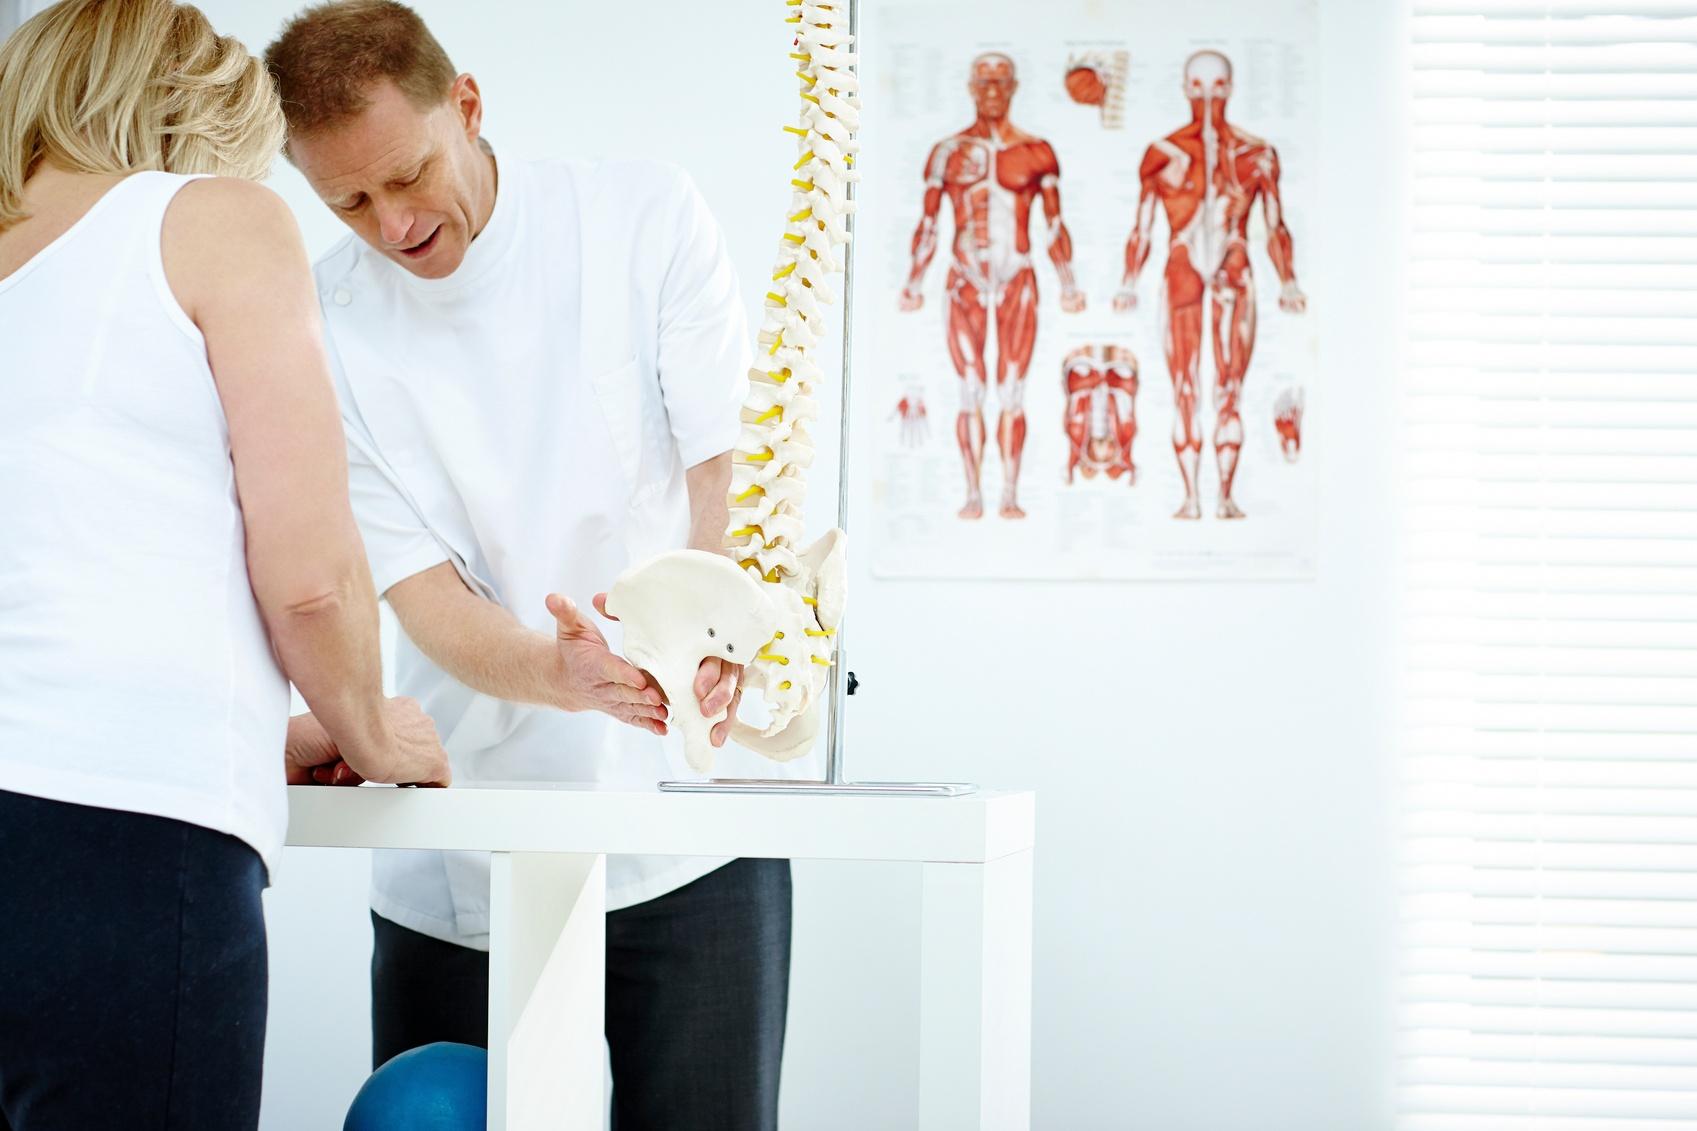 Chiropractor-explains-patient-using-plastic-model-000064837281_Medium.jpg